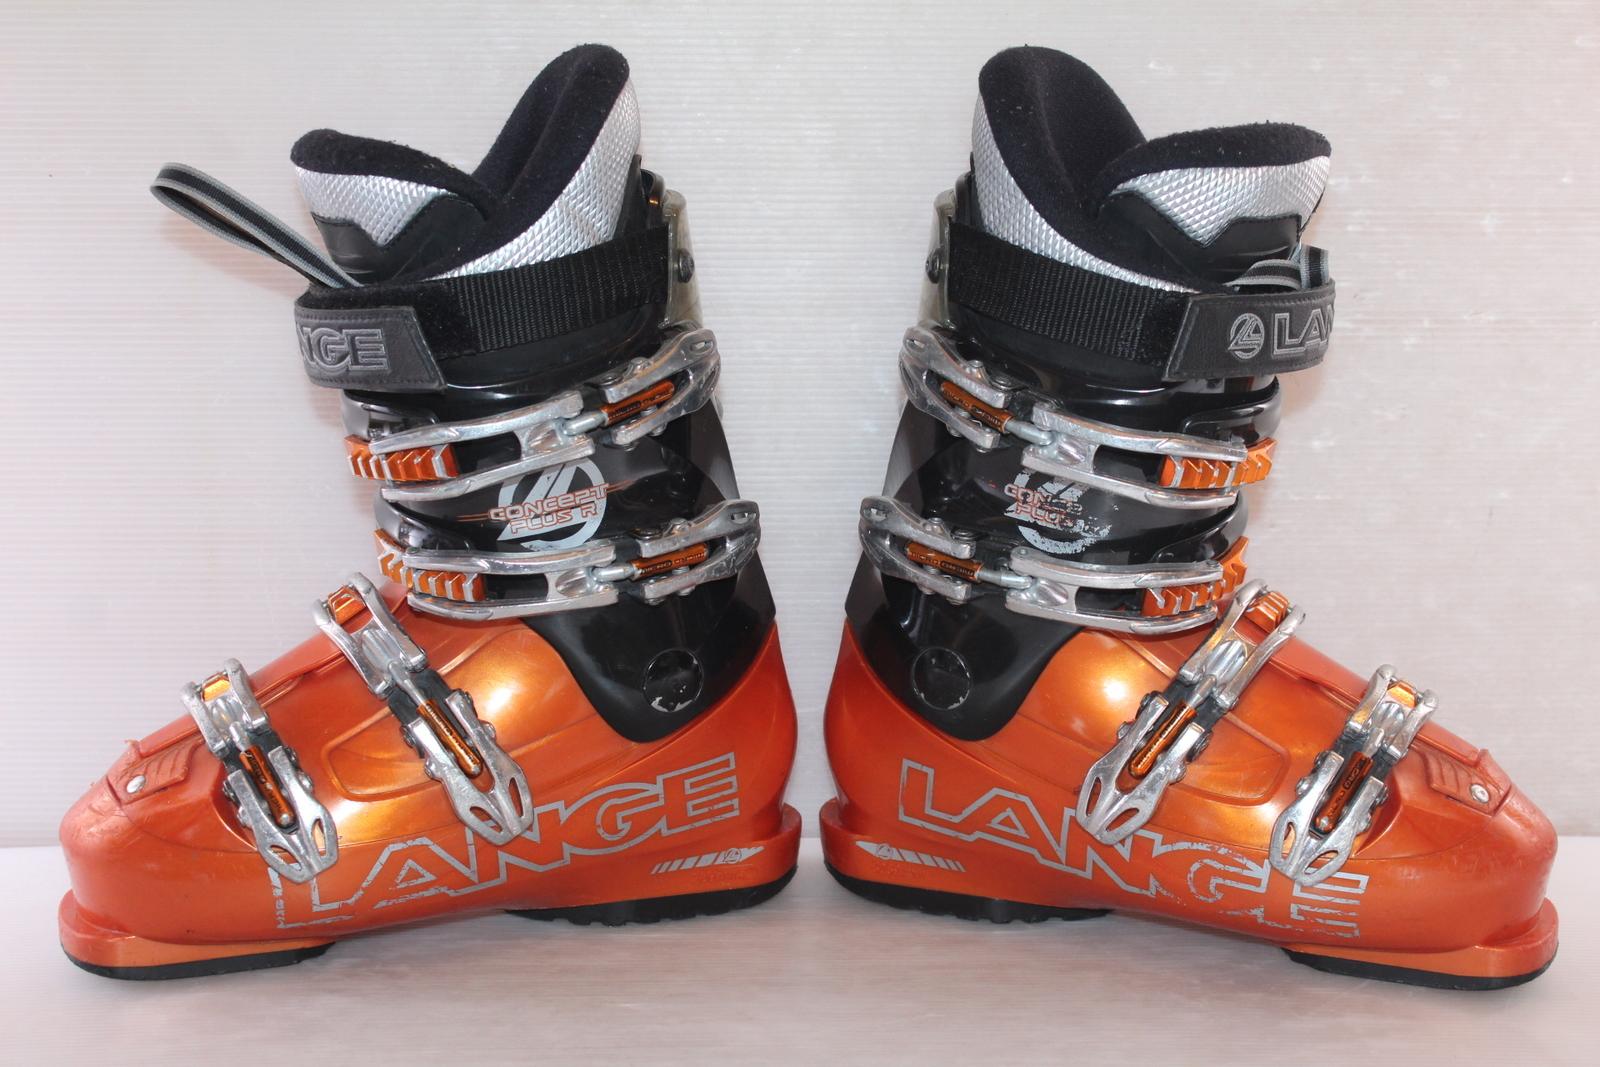 Lyžařské boty Lange Concept +R vel. EU38.5